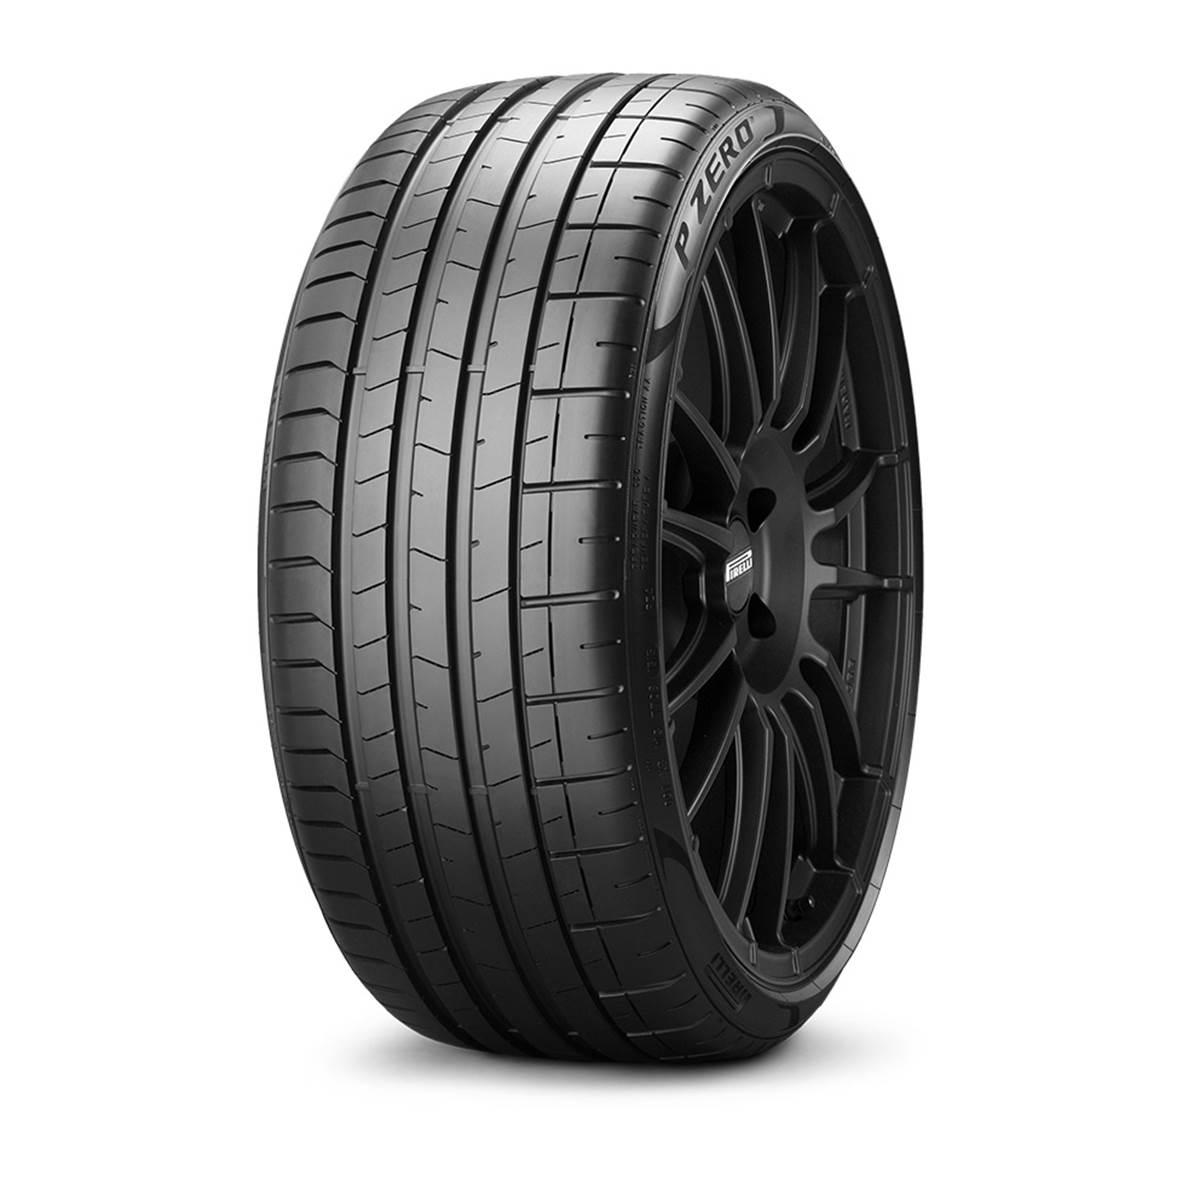 Pneu Pirelli 285/30R19 98Y Pzero XL